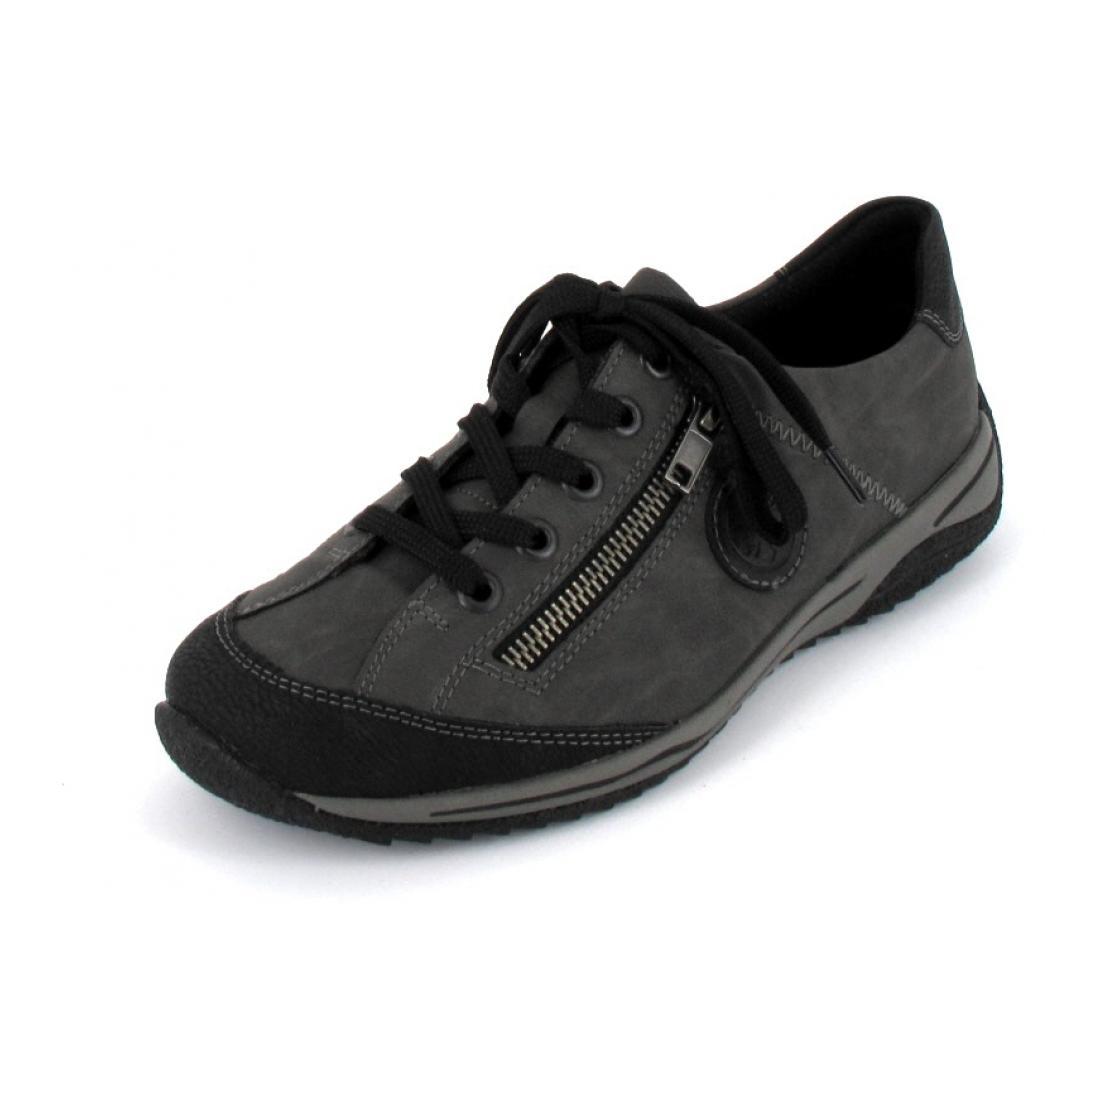 Rieker Sneaker schwarz